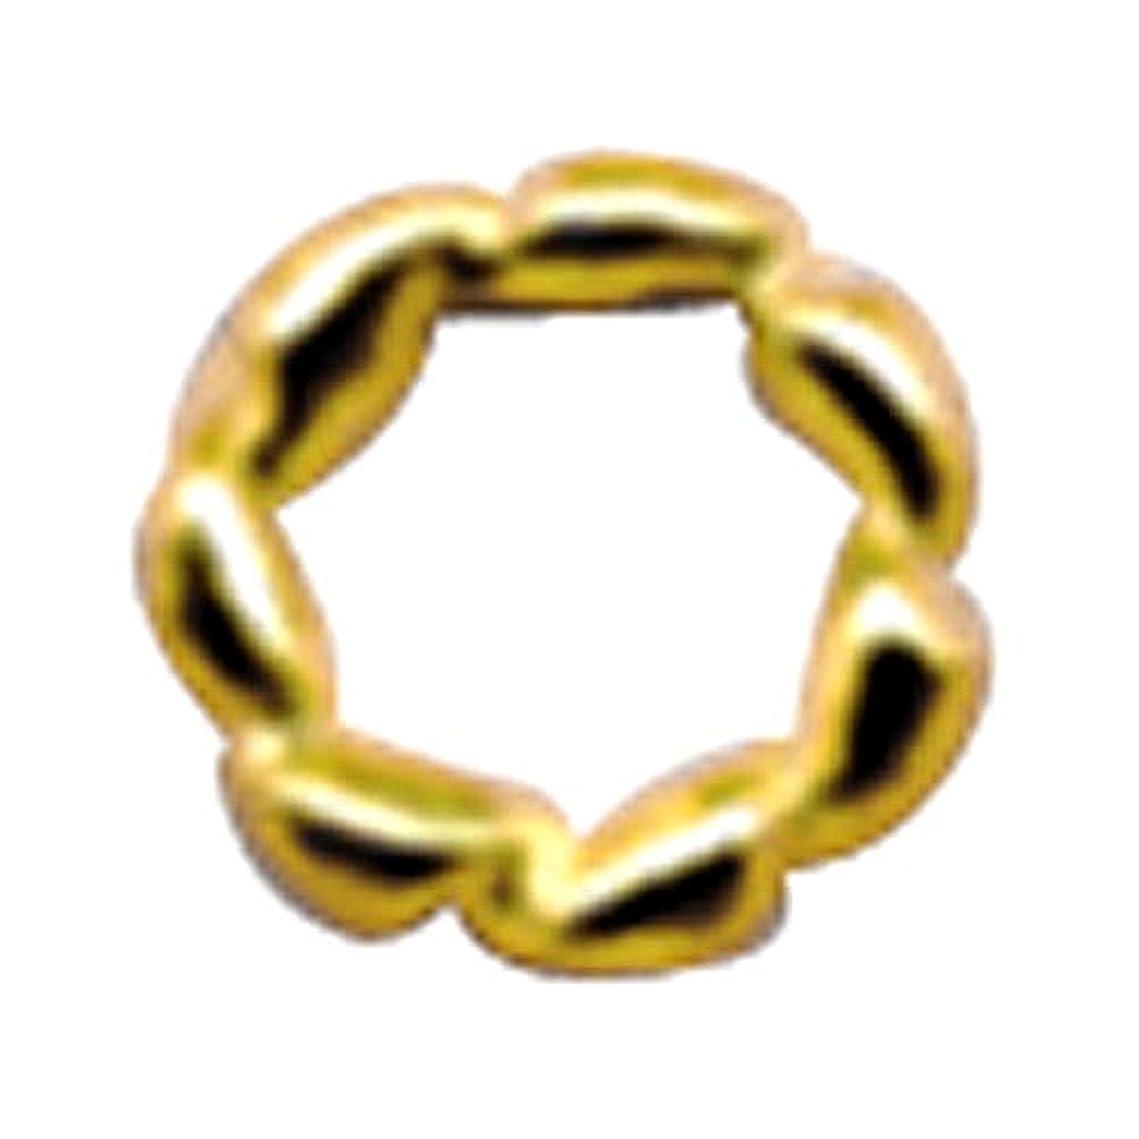 バング変更干渉プリティーネイル ネイルアートパーツ ツイストリングL ゴールド 10個